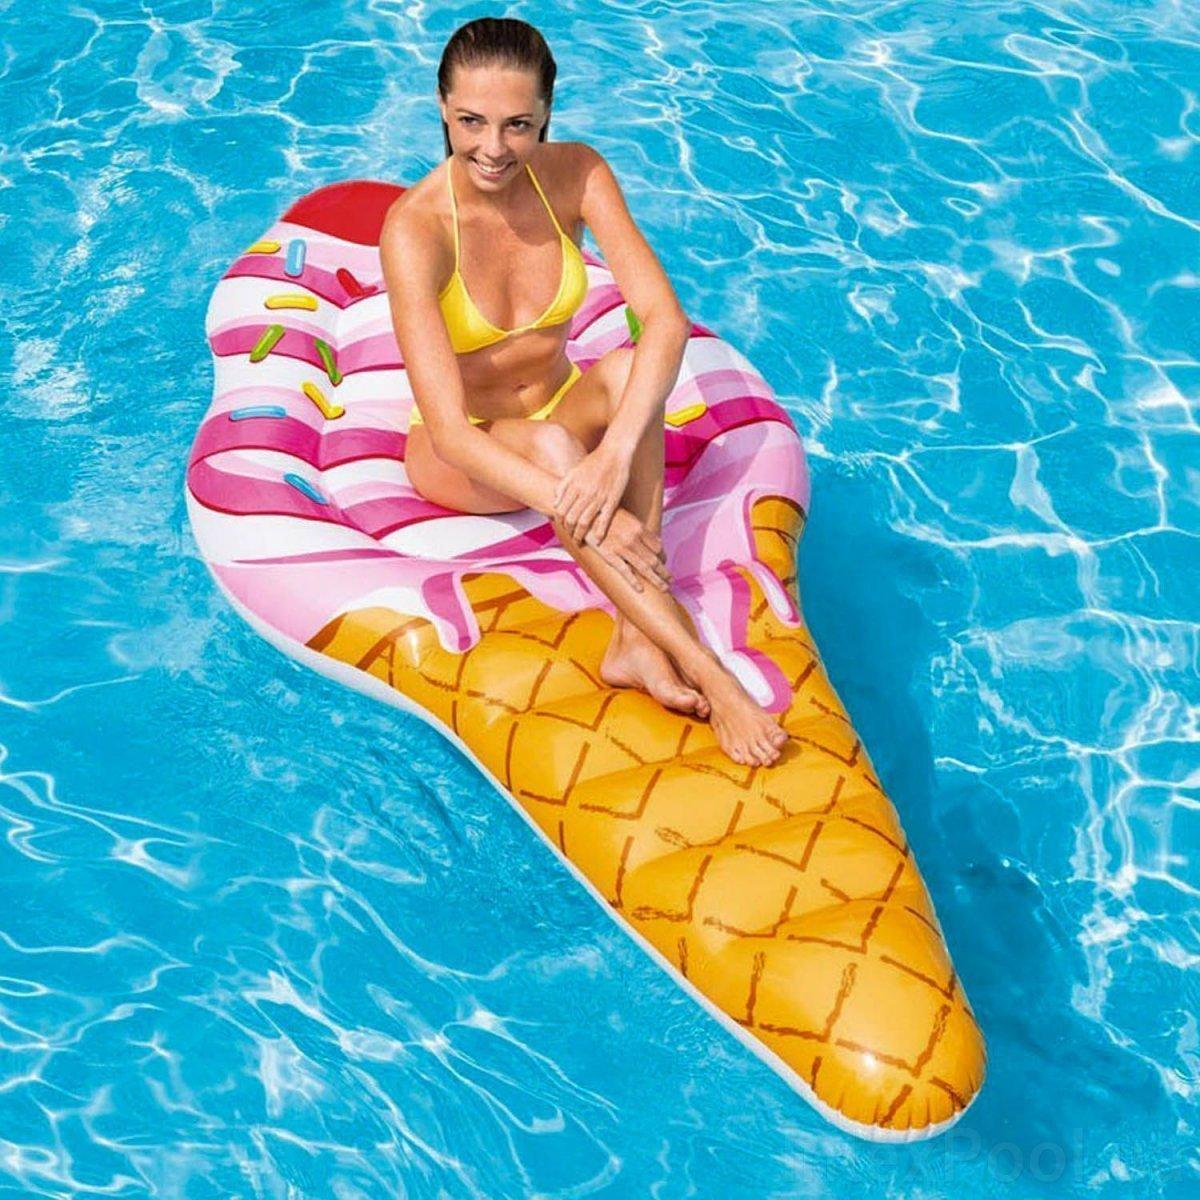 Надувний пляжний матрац Intex 58762 «Морозиво», 224 х 107 см